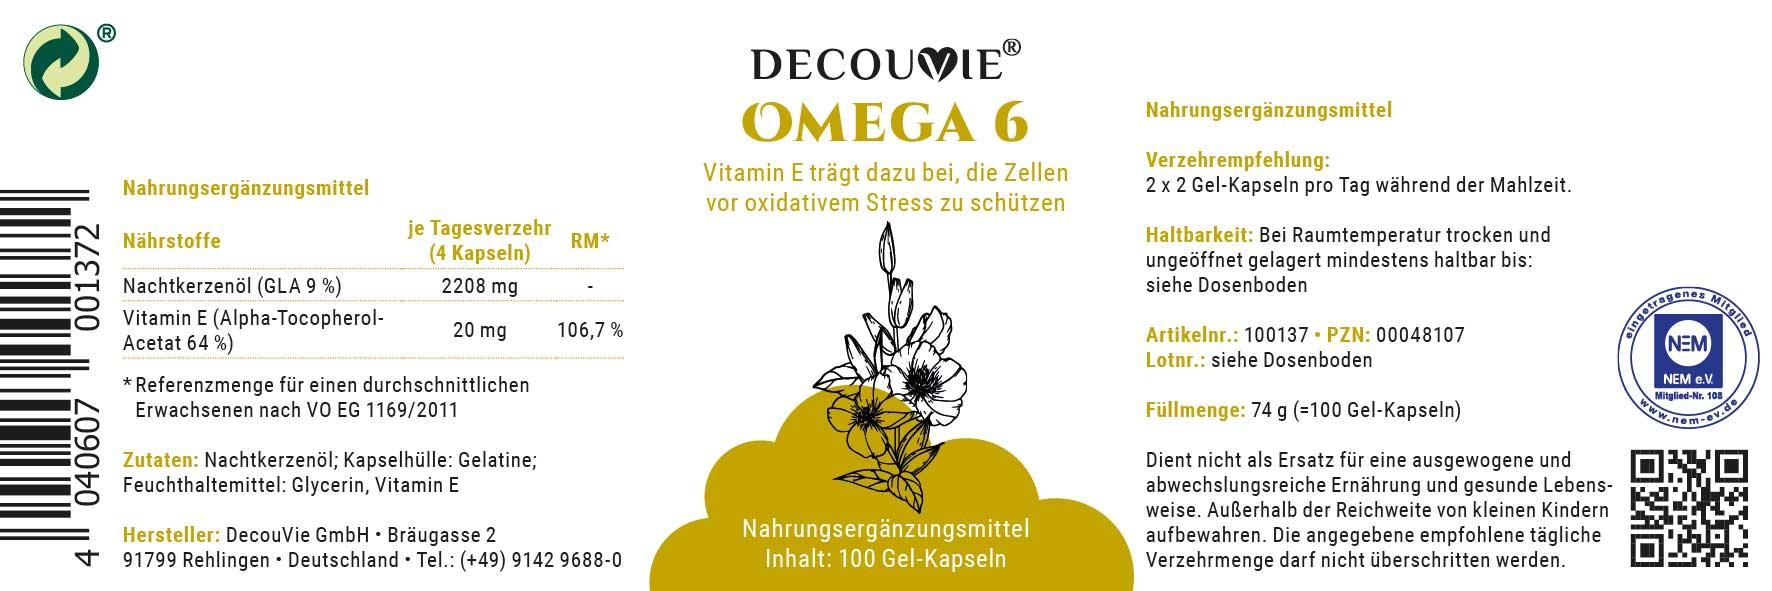 Omega 6, zur Ergänzung von Omega 6 auf Basis von Nachtkerzenöl mit Vitamin E, 100 Gel-Kapseln